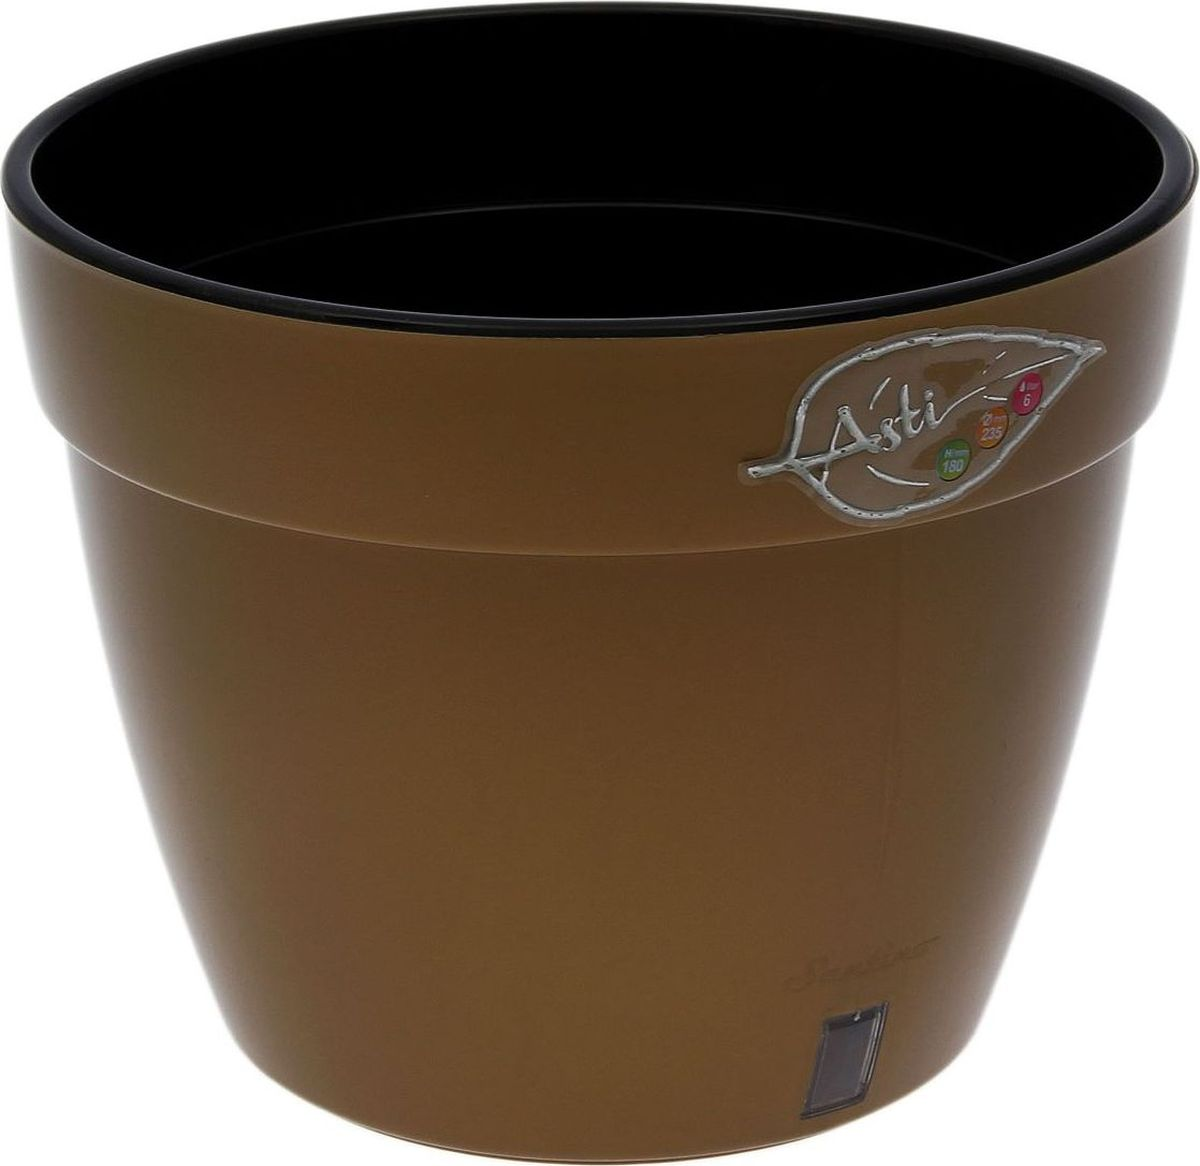 """Горшок Santino """"Асти"""", выполненный из высококачественного пластика, предназначен для выращивания комнатных цветов, растений и трав.  Специальная конструкция обеспечивает вентиляцию в корневой системе растения, а дренажные отверстия позволяют выходить лишней влаге из почвы. Изделие состоит из цветного кашпо и внутреннего горшка. Растение высаживается во внутренний горшок и вставляется в кашпо.Такой горшок порадует вас современным дизайном и функциональностью, а также оригинально украсит интерьер любого помещения. Диаметр горшка: 30 см. Высота горшка: 23,5 см. Диаметр дна: 19 см."""